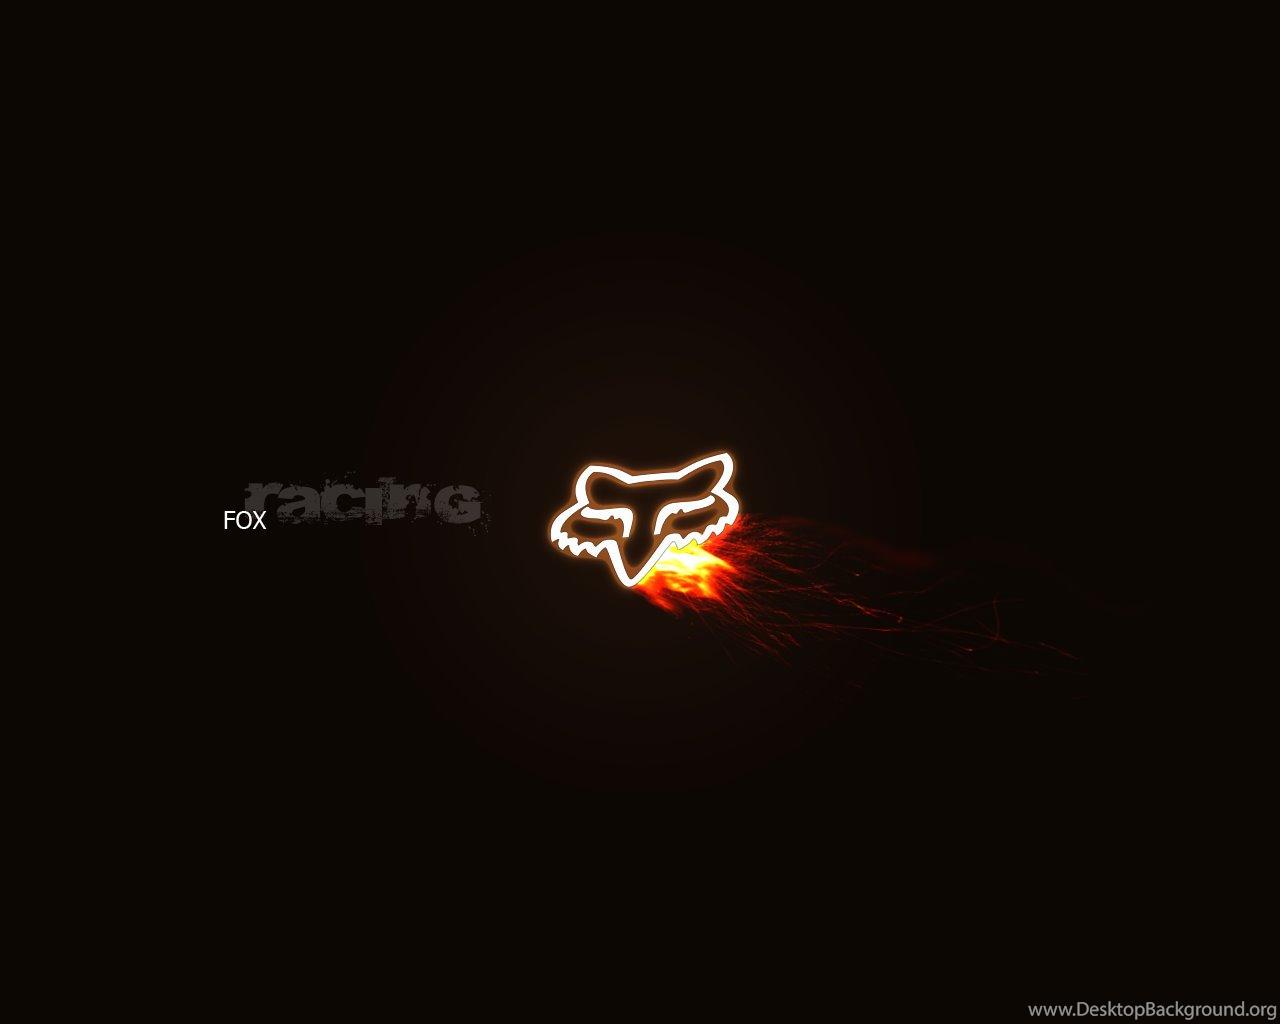 Fox Racing Wallpapers Cave Desktop Background